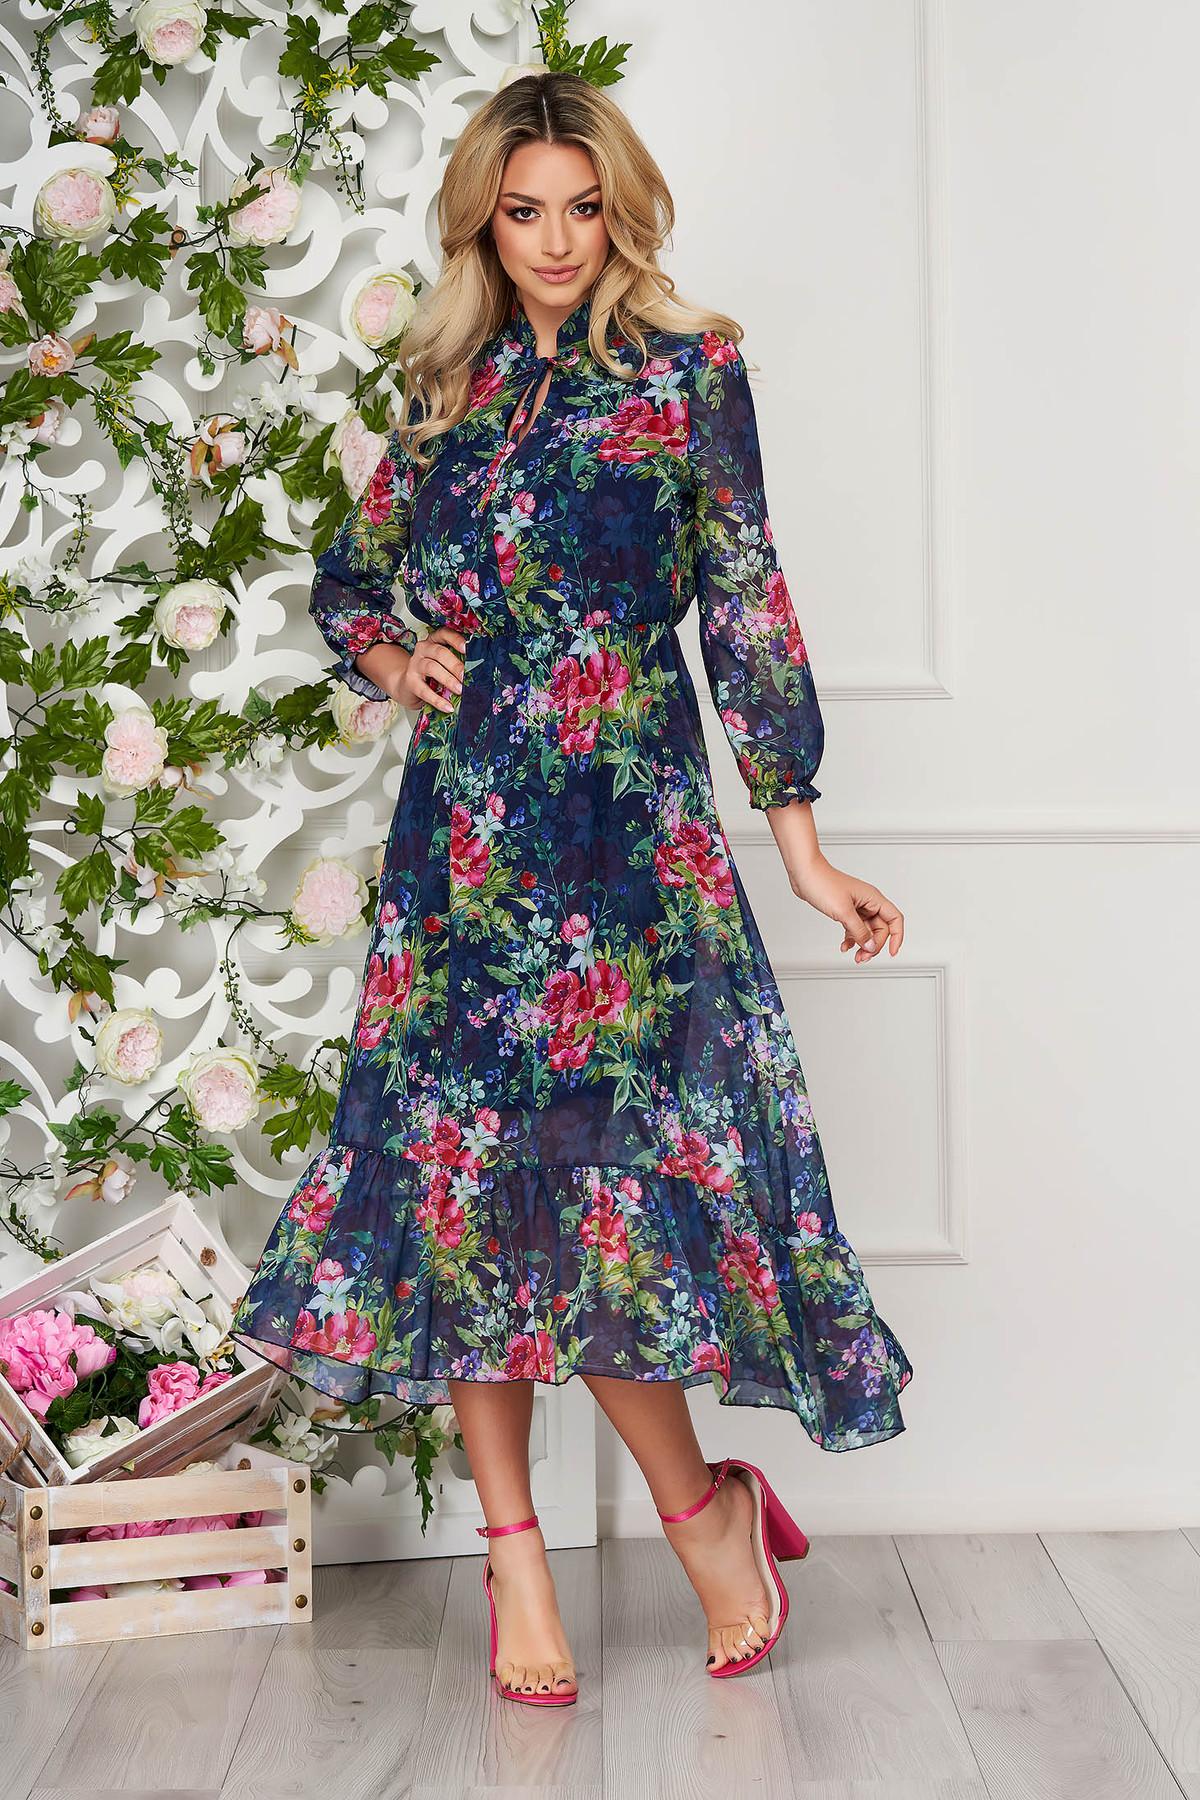 Rochie Albastru-inchis Eleganta Midi In Clos Din Voal Cu Imprimeu Floral